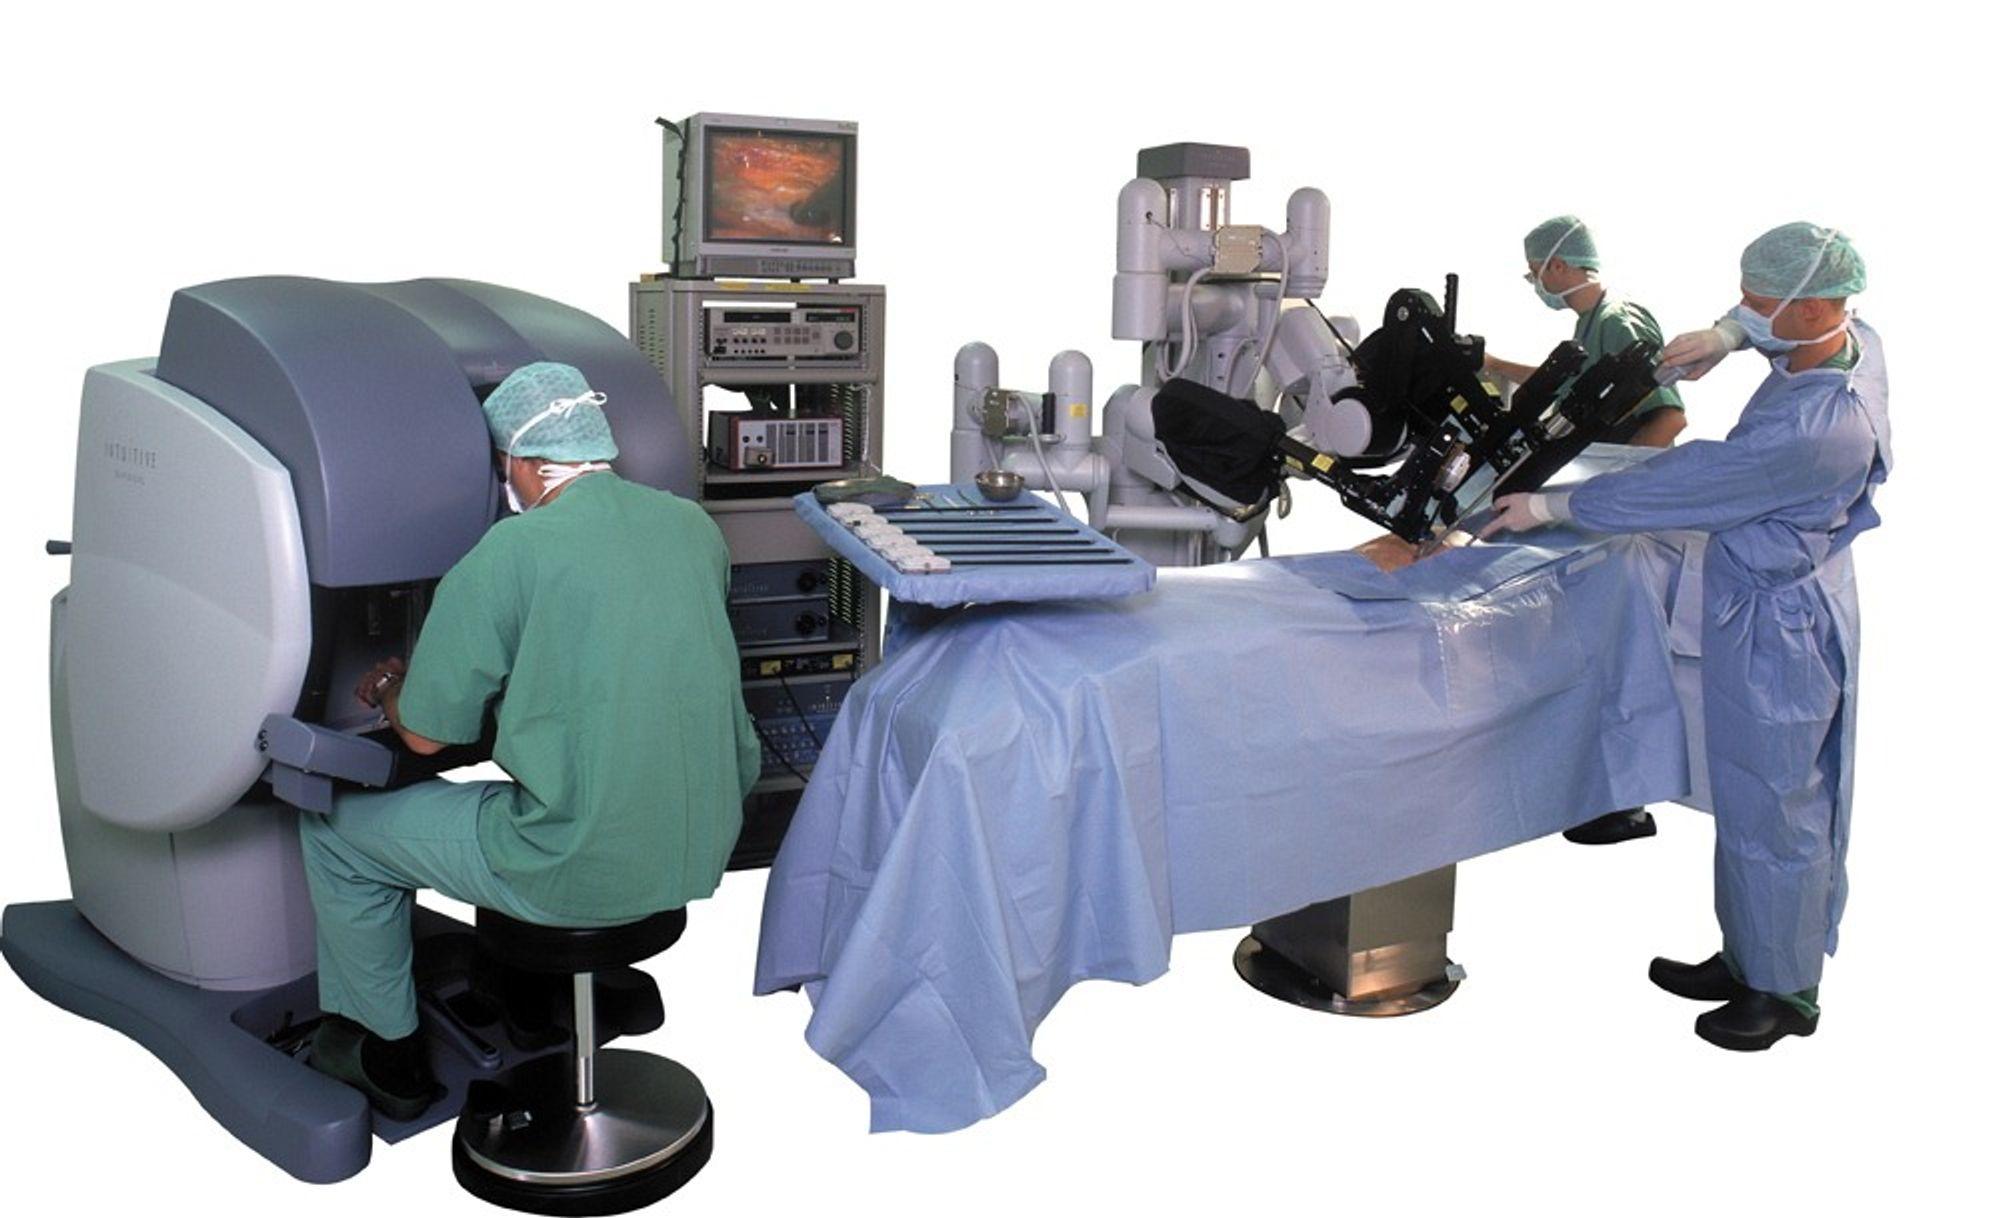 En operasjonsrobot fjernstyres av en kirurg via en elektronisk kontrollkonsoll.